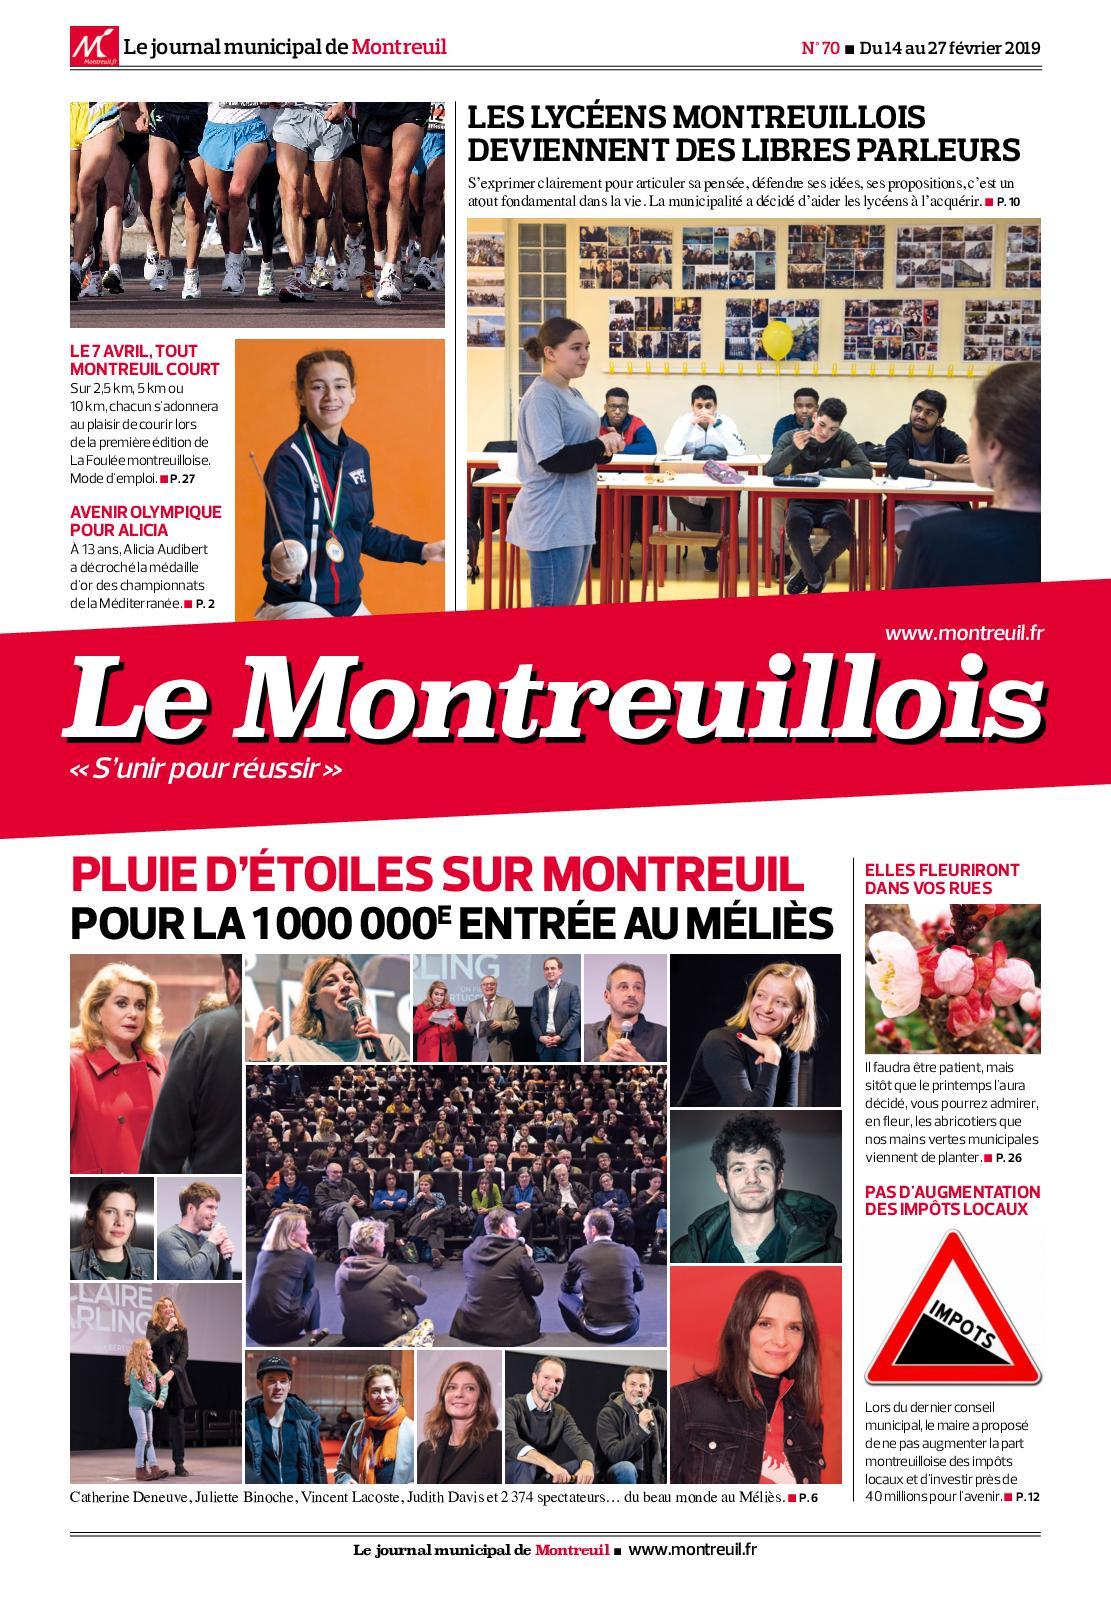 Calaméo Le Montreuillois n°70 Du 14 au 27 février 2019